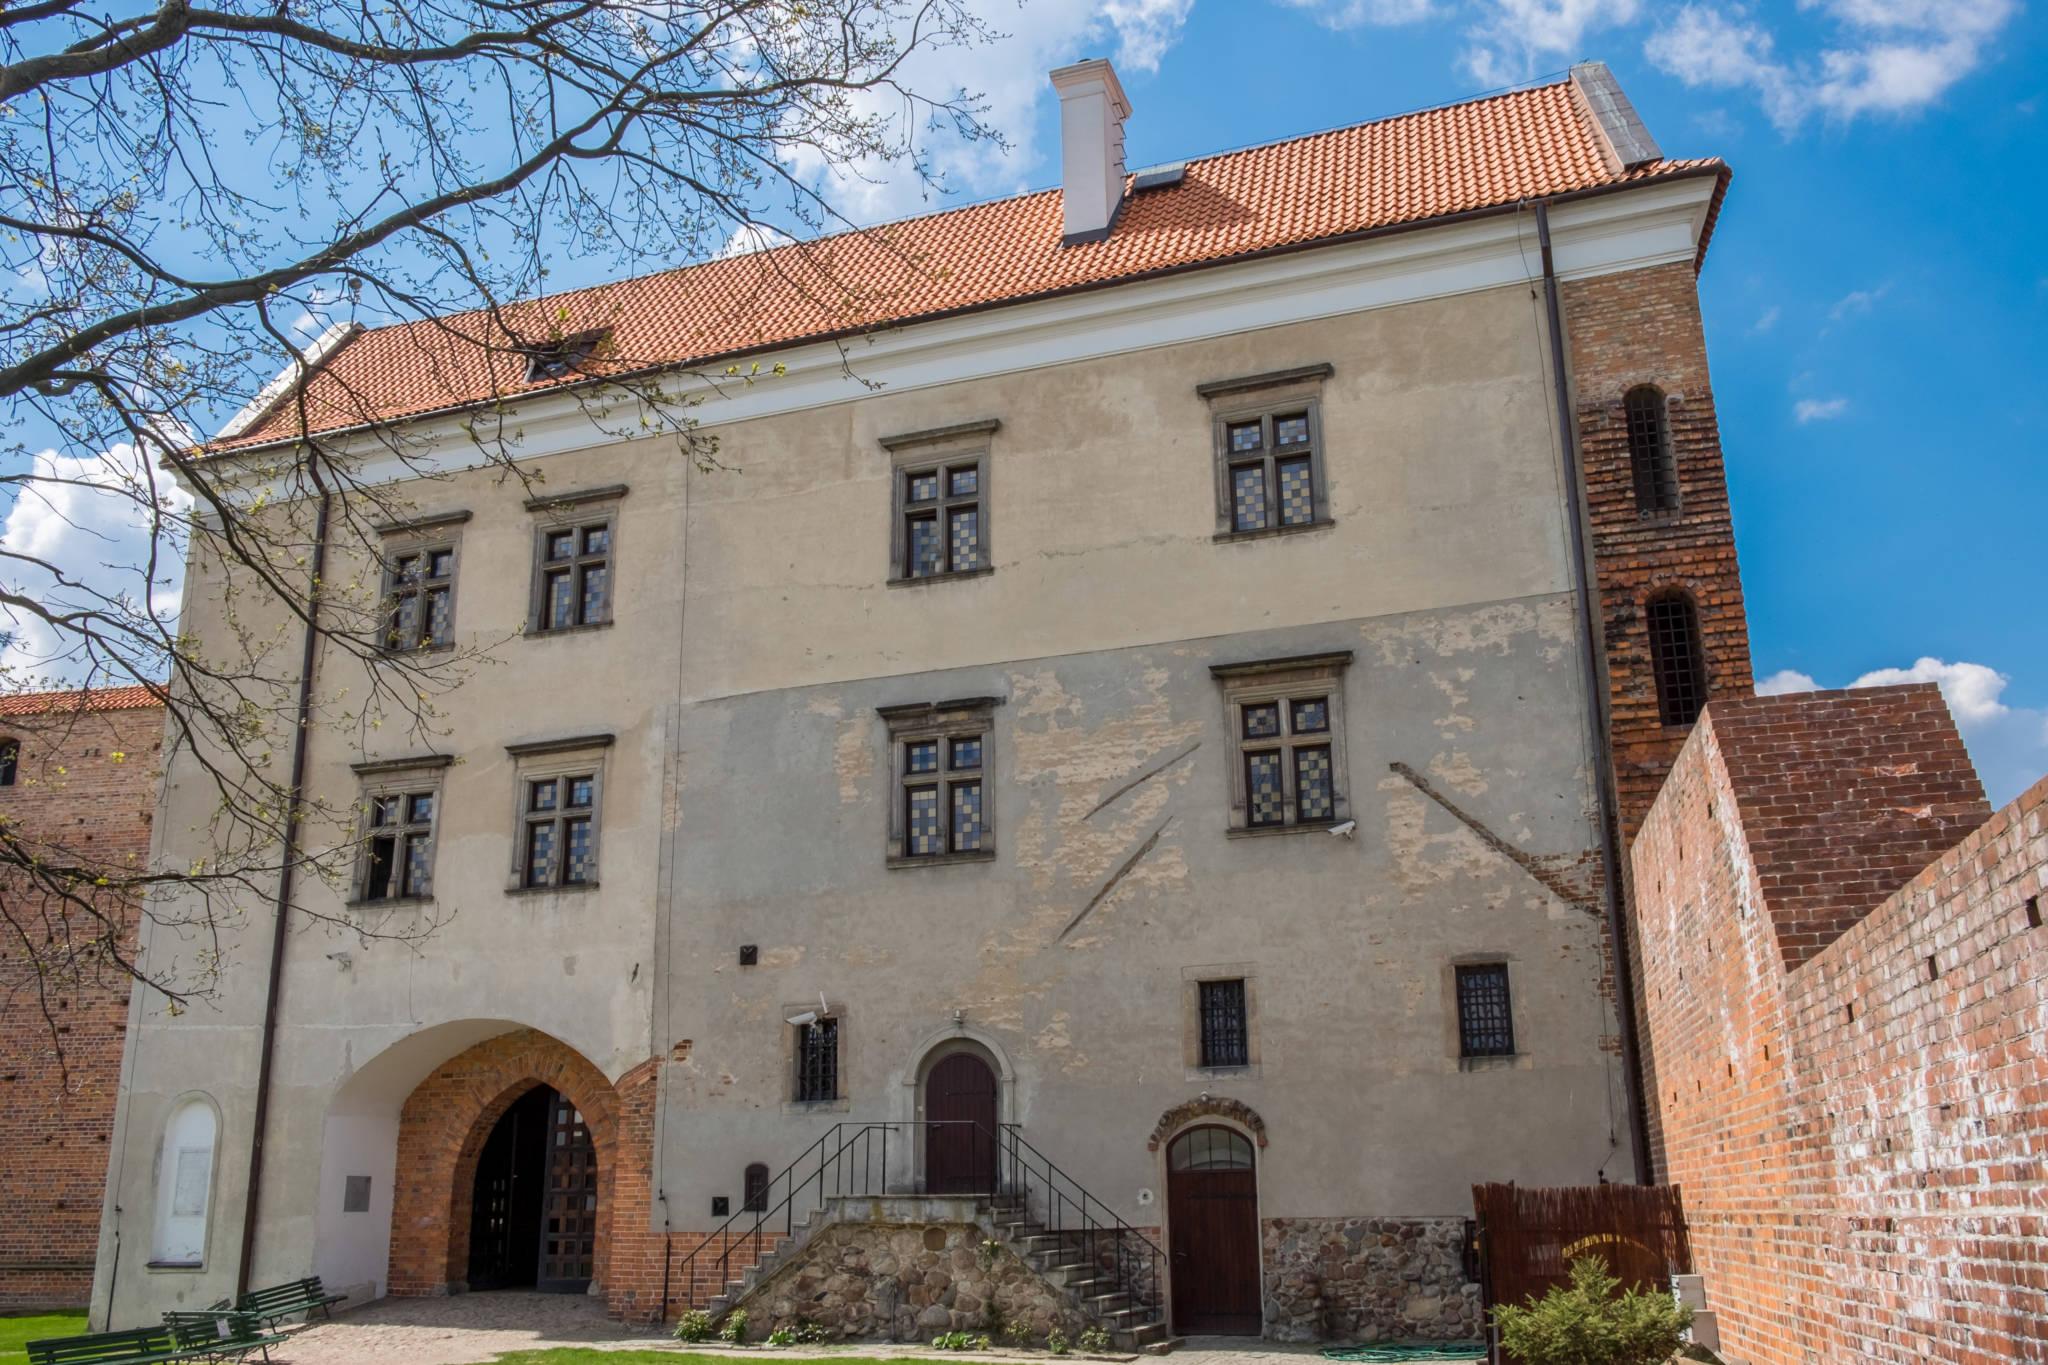 Zamek w Łeczycy (7 of 13)